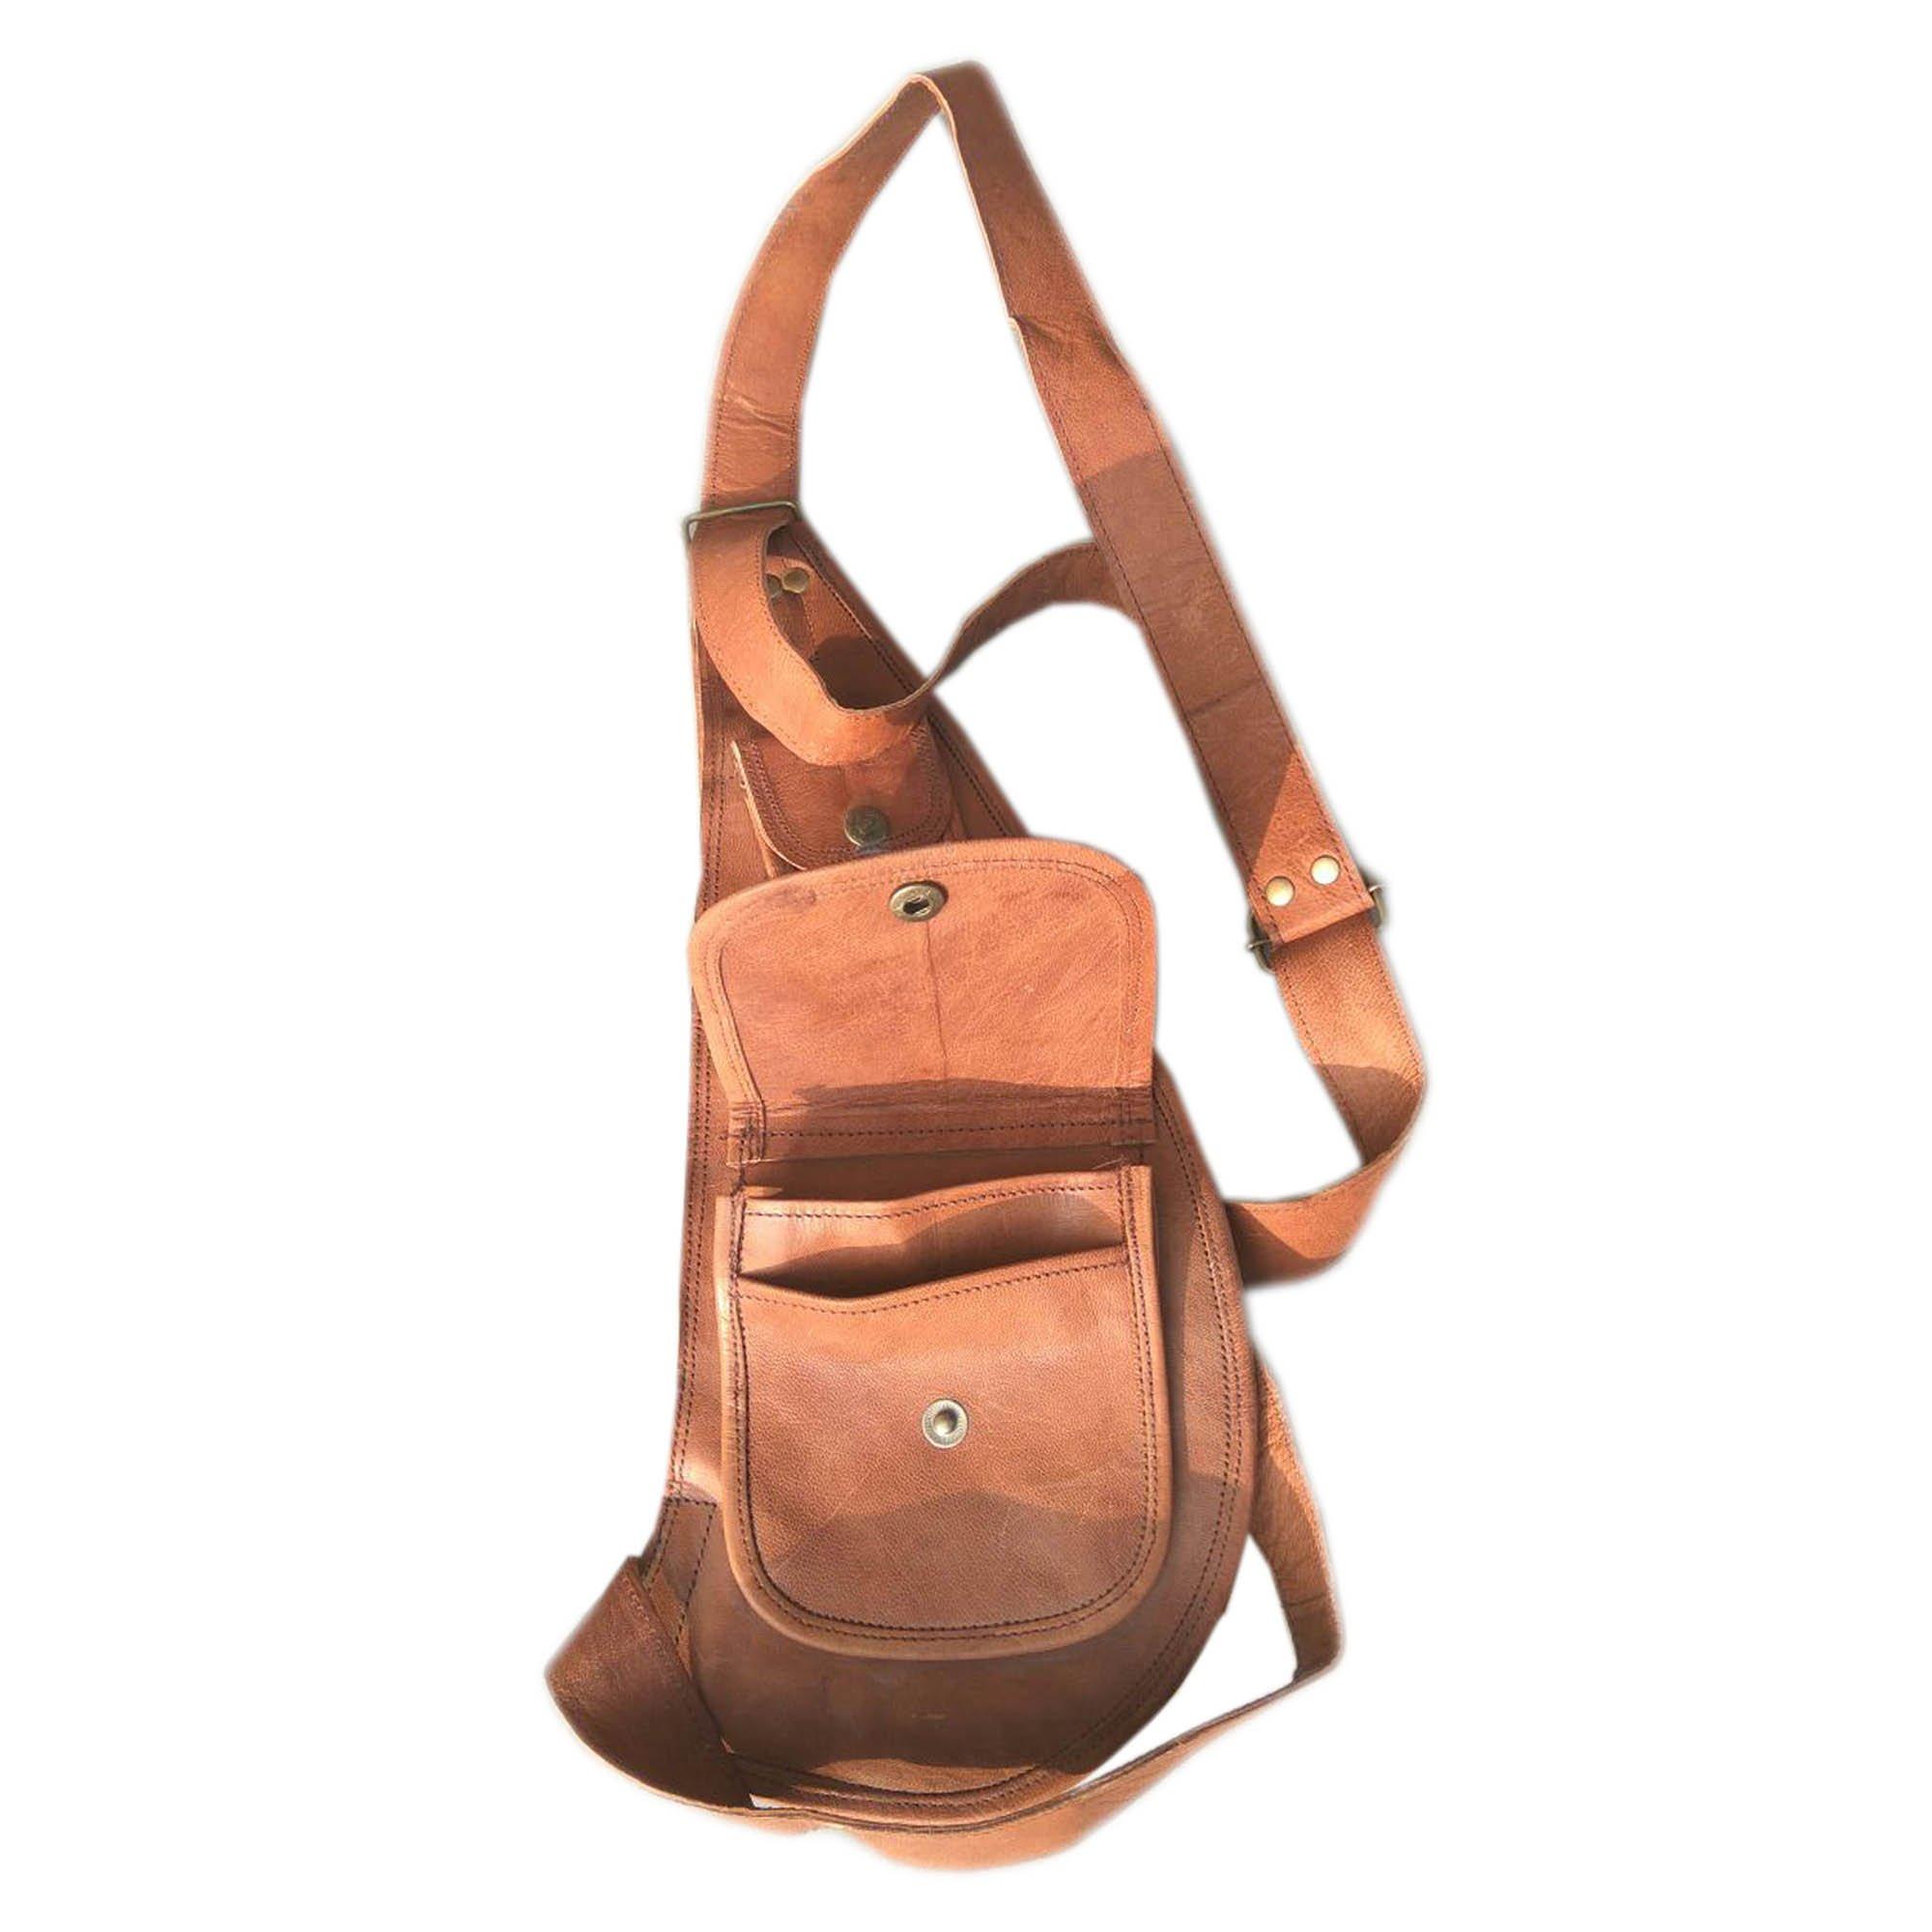 Handcraft Genuine Leather Vintage Brown Utility Chest Bag | Shoulder Bag | Unbalance Bag | Gym Backpack